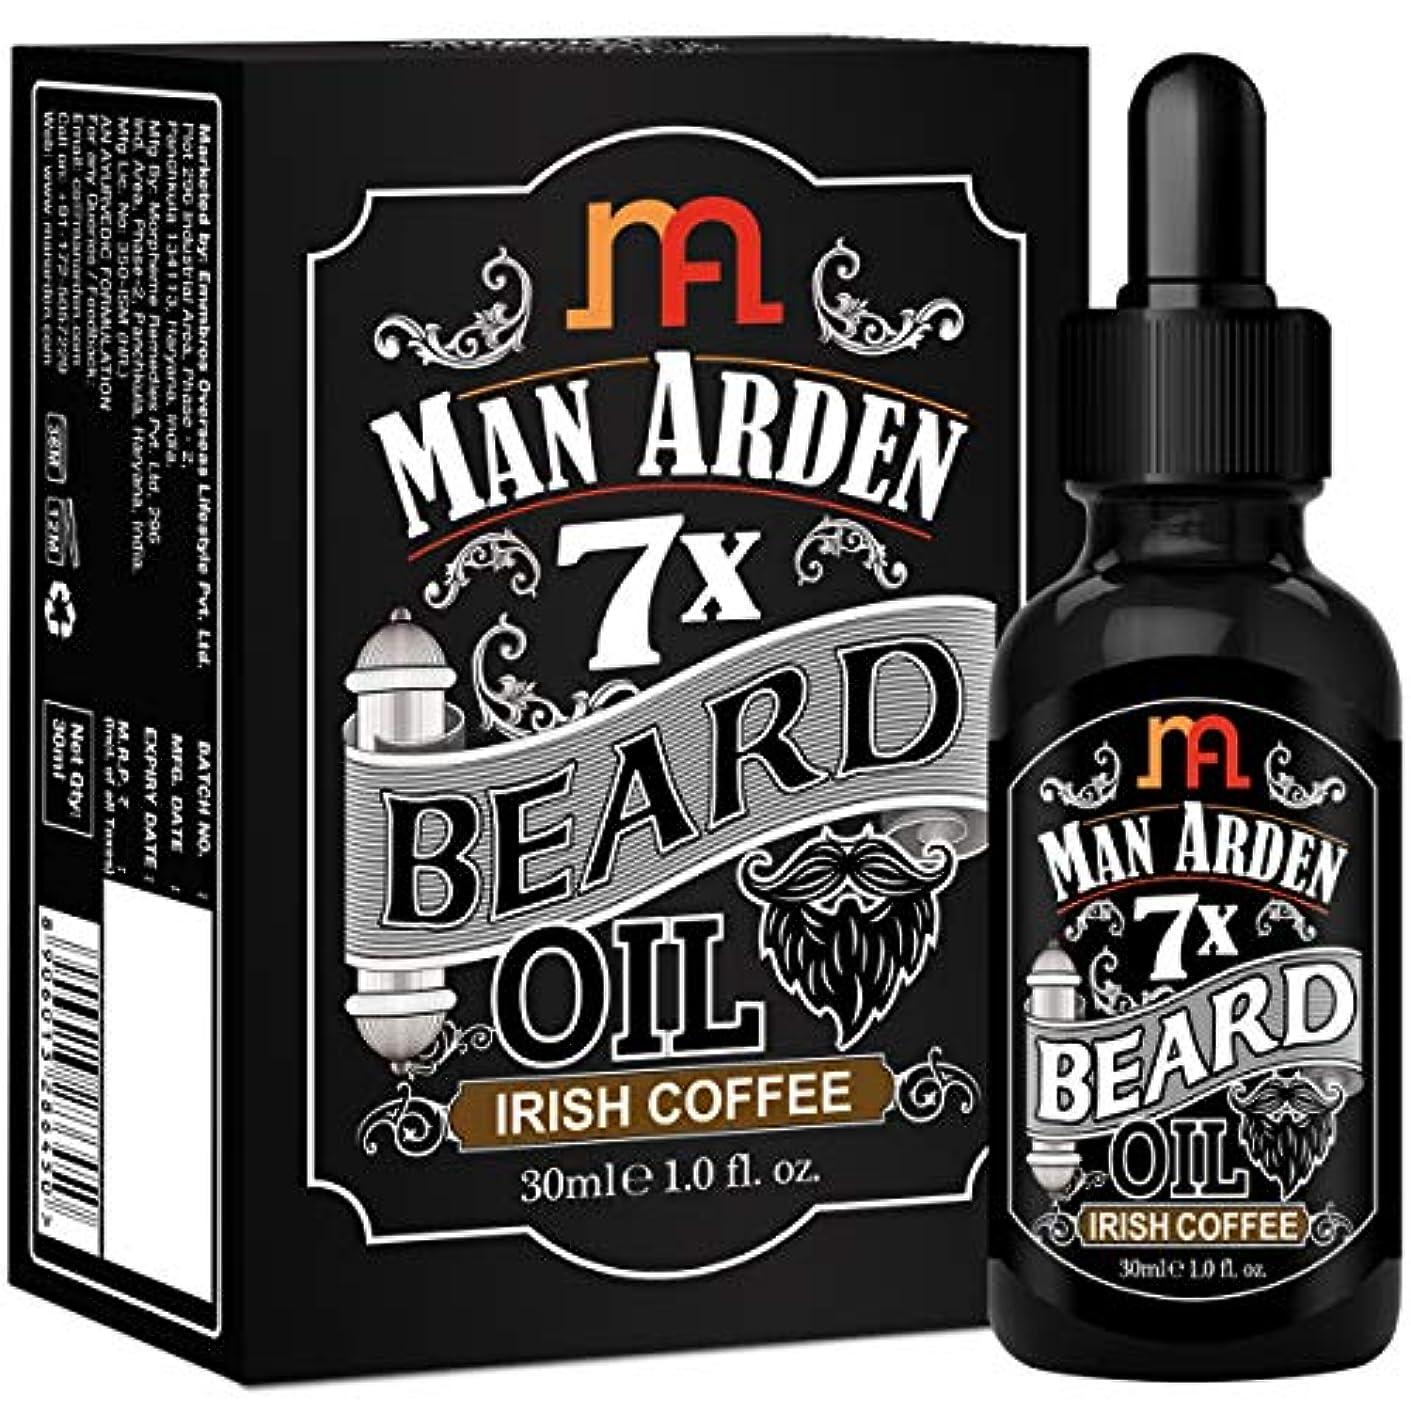 差別的チップ錆びMan Arden 7X Beard Oil 30ml (Irish Coffee) - 7 Premium Oils For Beard Growth & Nourishment